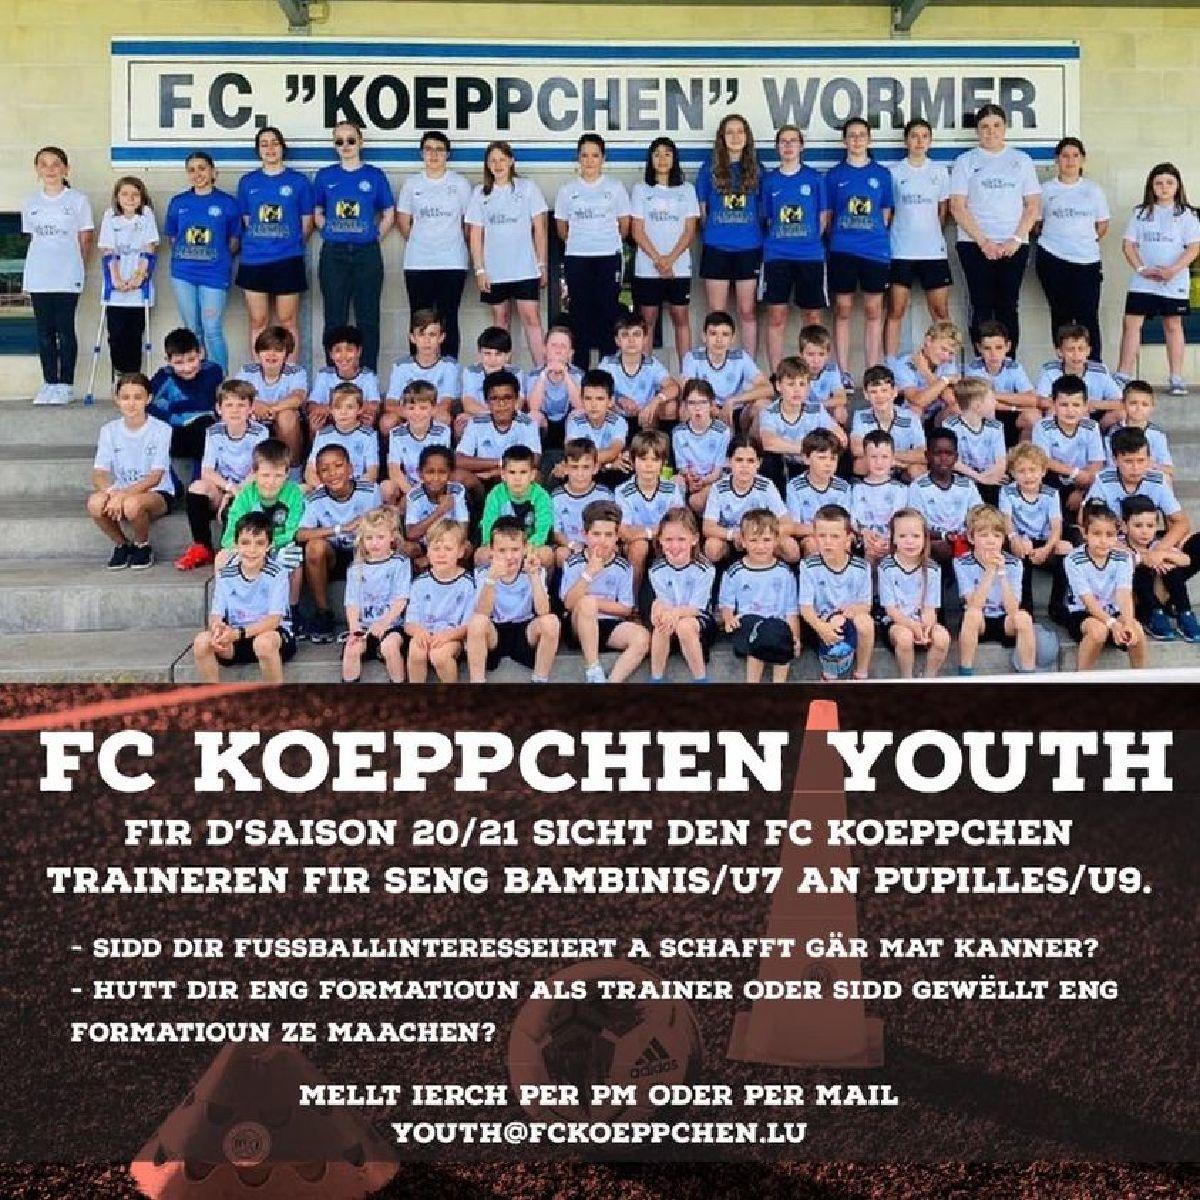 Jugendtraineren gesicht